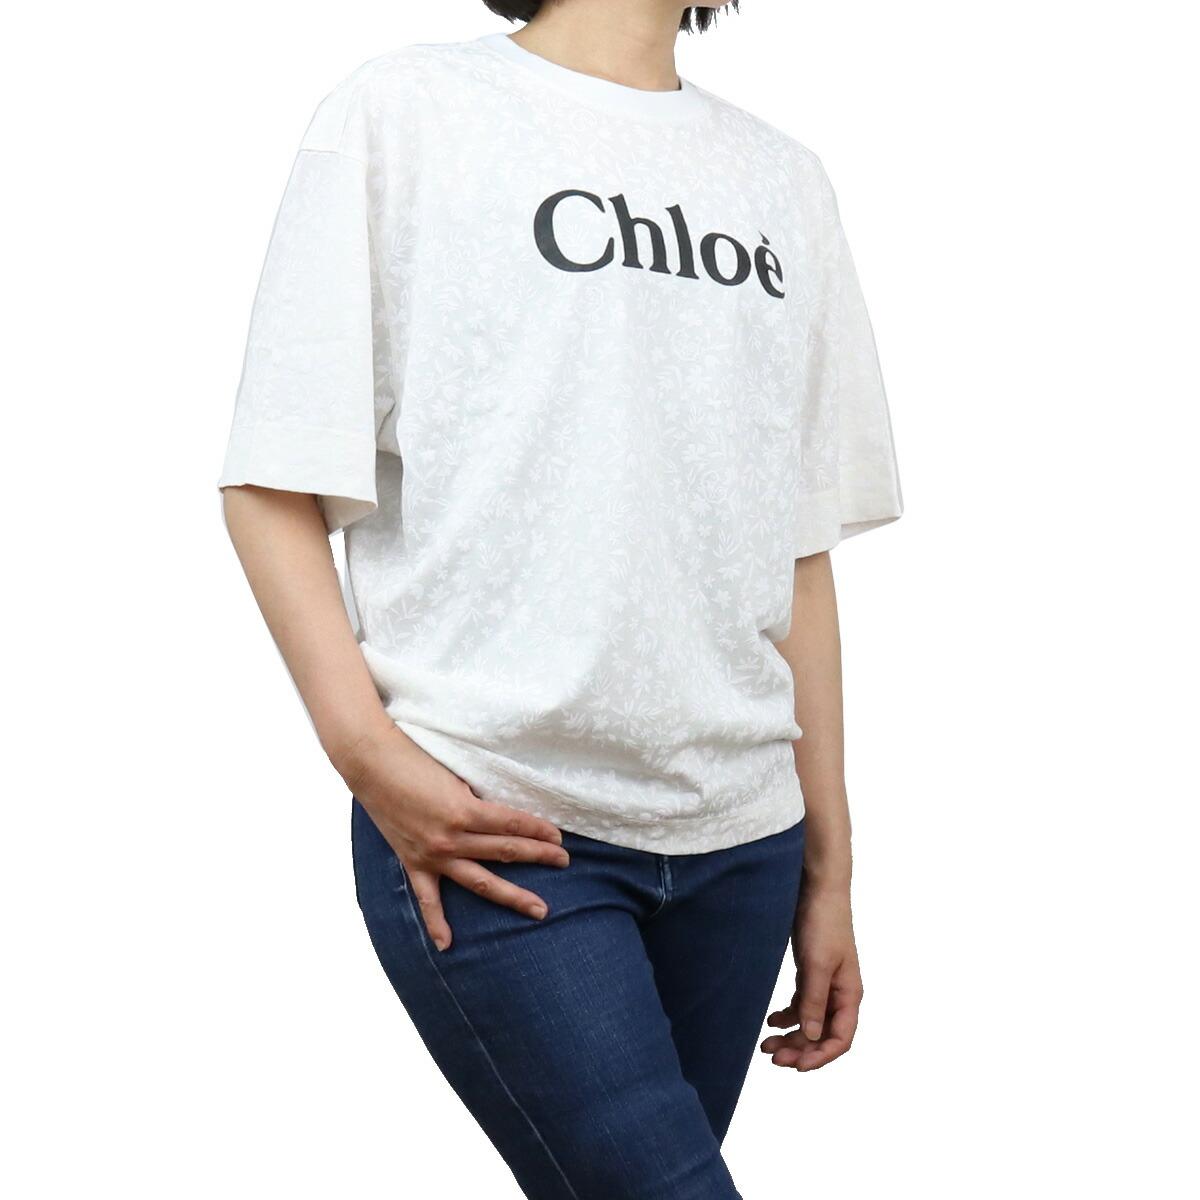 クロエ CHLOE  レディース-Tシャツ ブランドロゴ CHC21SJH83183 101 WHITE ホワイト系 apparel-01 ts-01